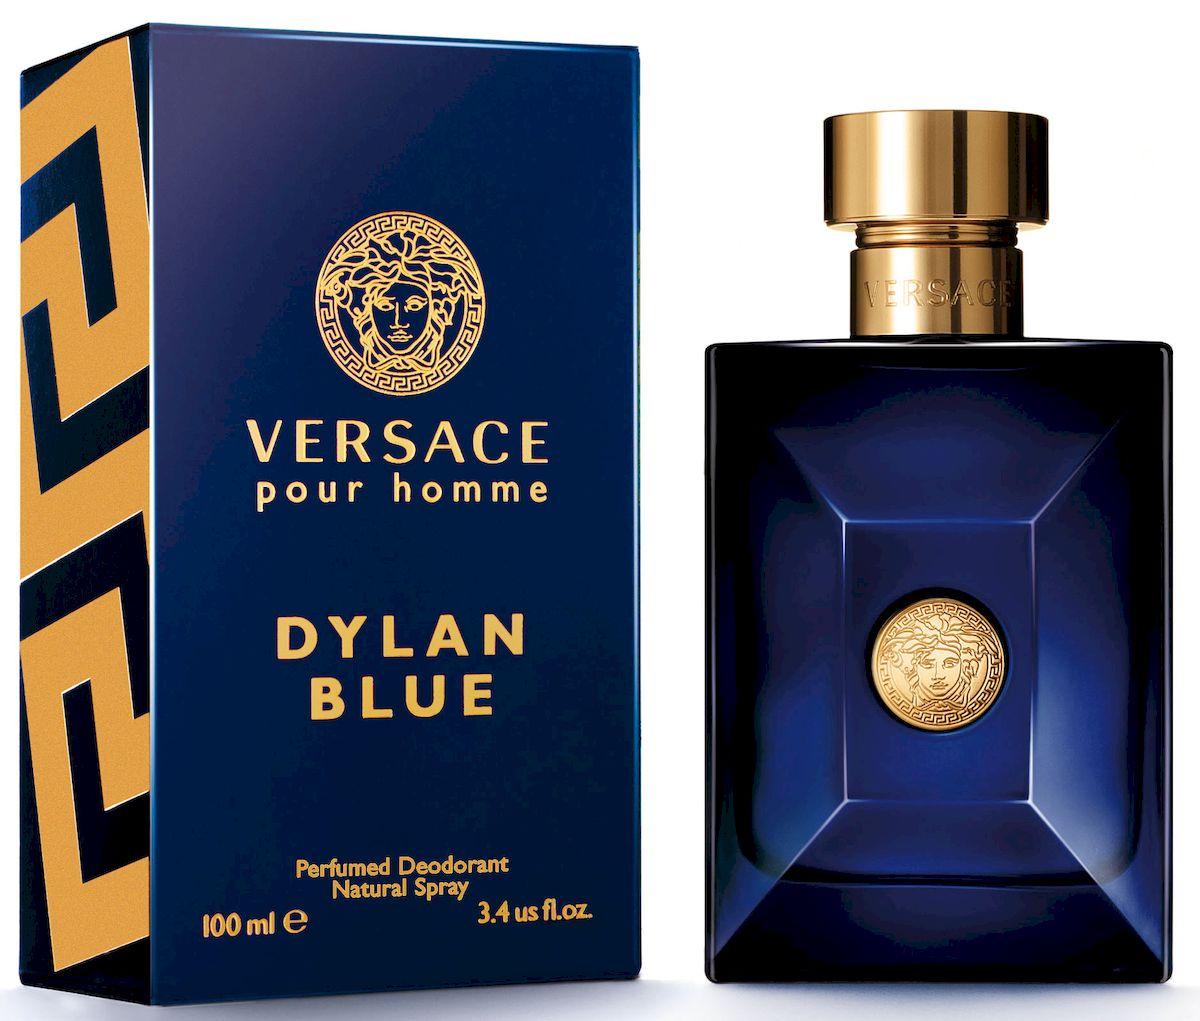 Versace Dylan Blue Дезодорант спрей 100 мл721020Уникальность этого фужерного аромата заключается в ярком фужерном шлейфе, неповторимом сочетании природных компонентов и синтетических молекул последнего поколения. Аромат: древесный, ароматический, фужерный.